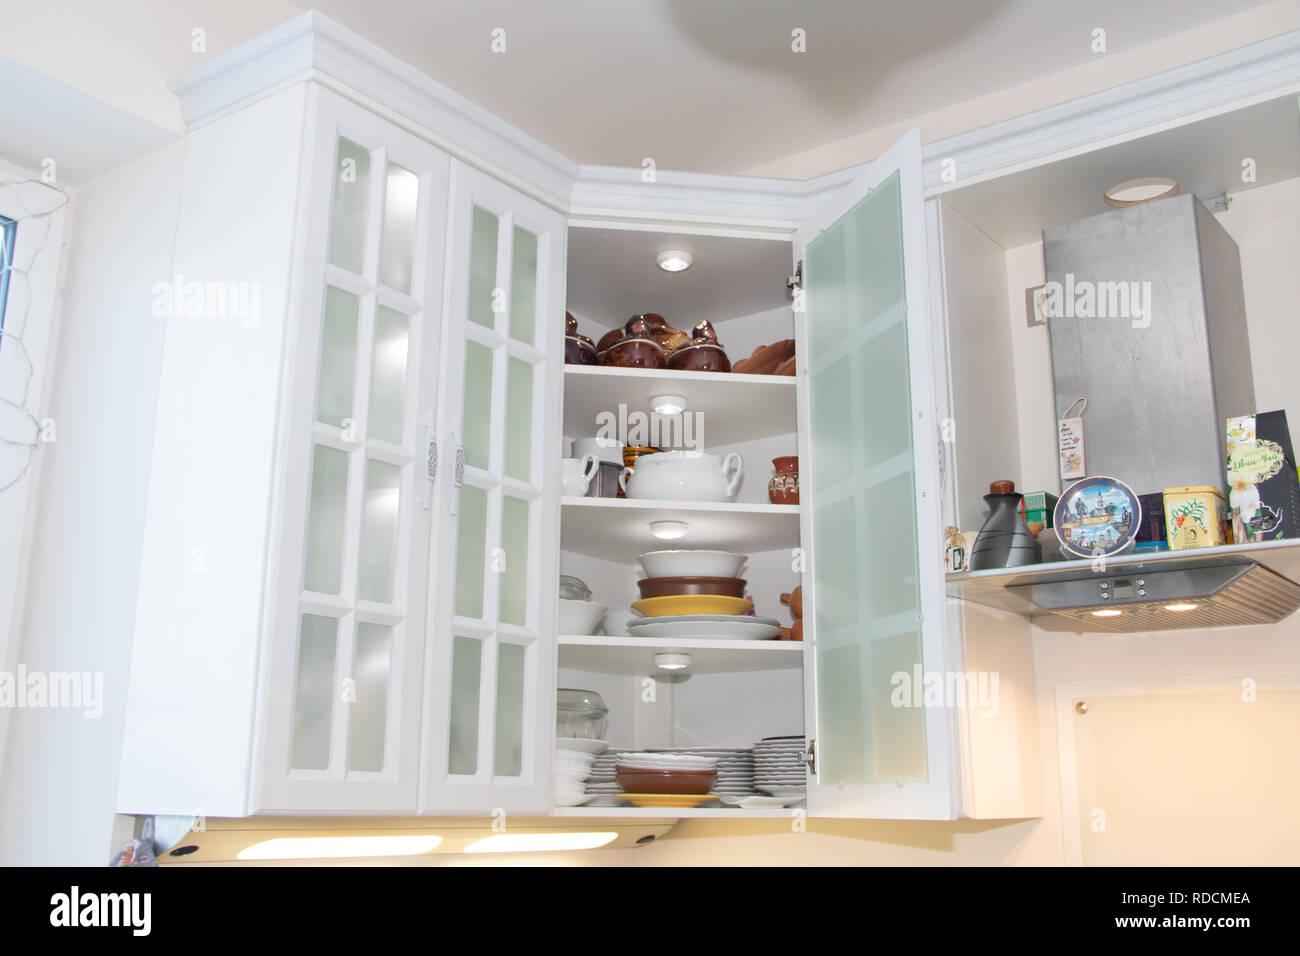 Weisse Kuche Kuche Aus Holz Moderne Mobel Und Kuche Interieur